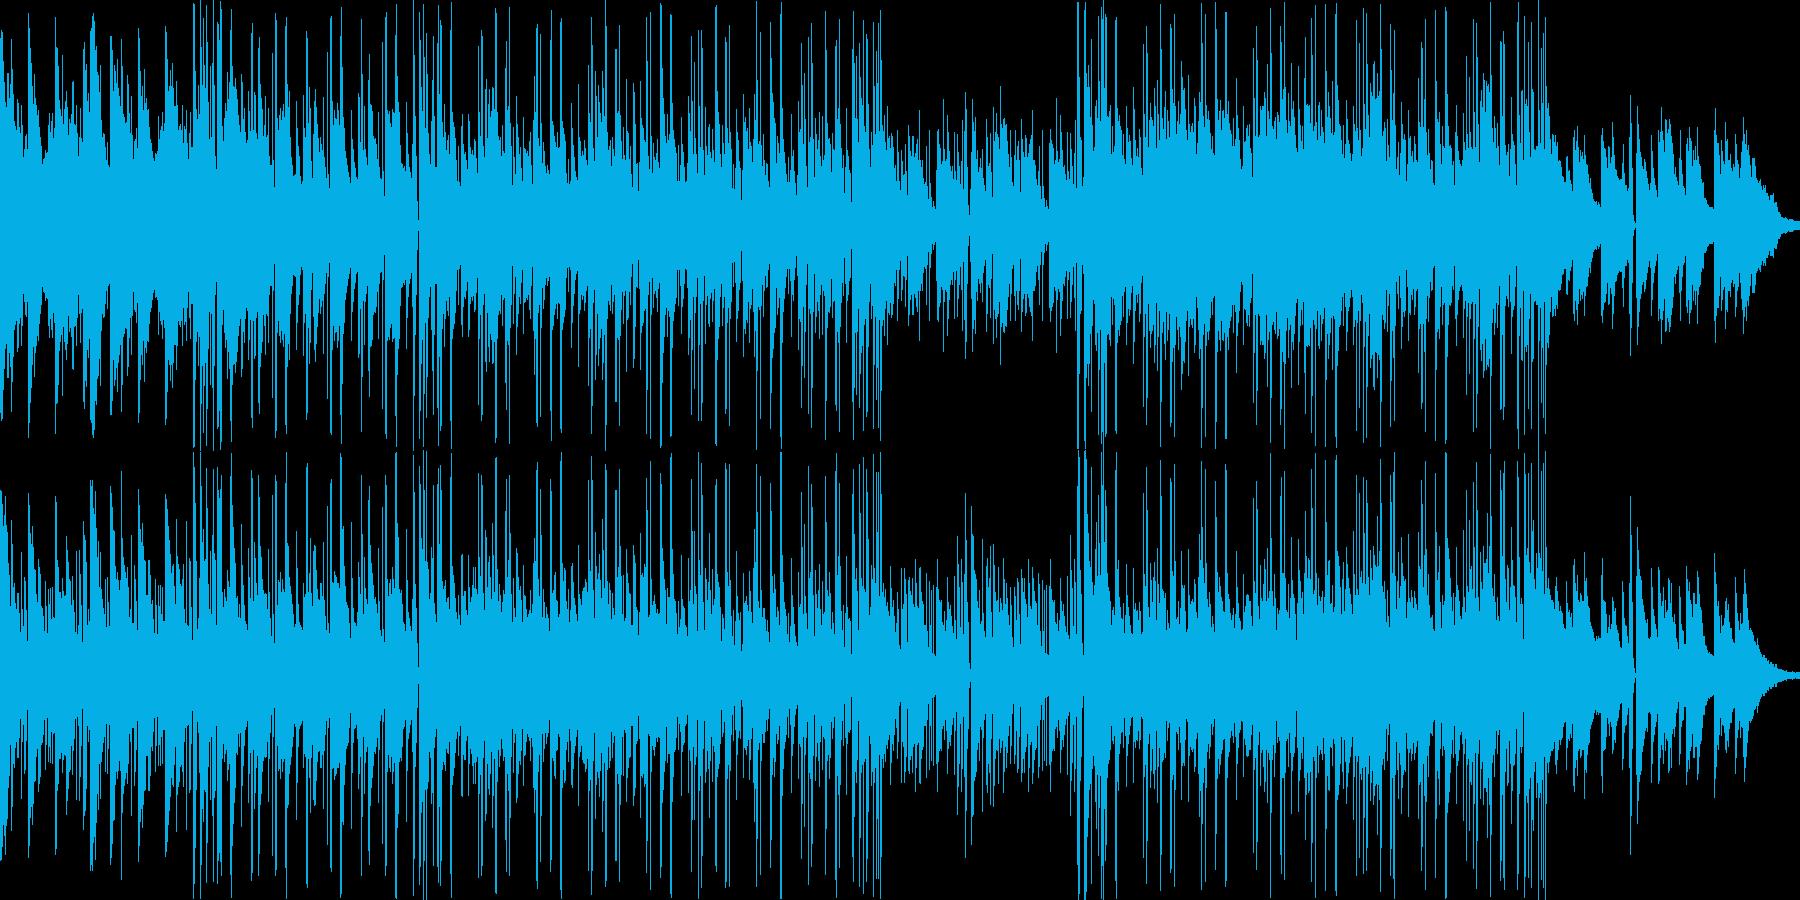 格調の高い穏やかな日常系BGMの再生済みの波形